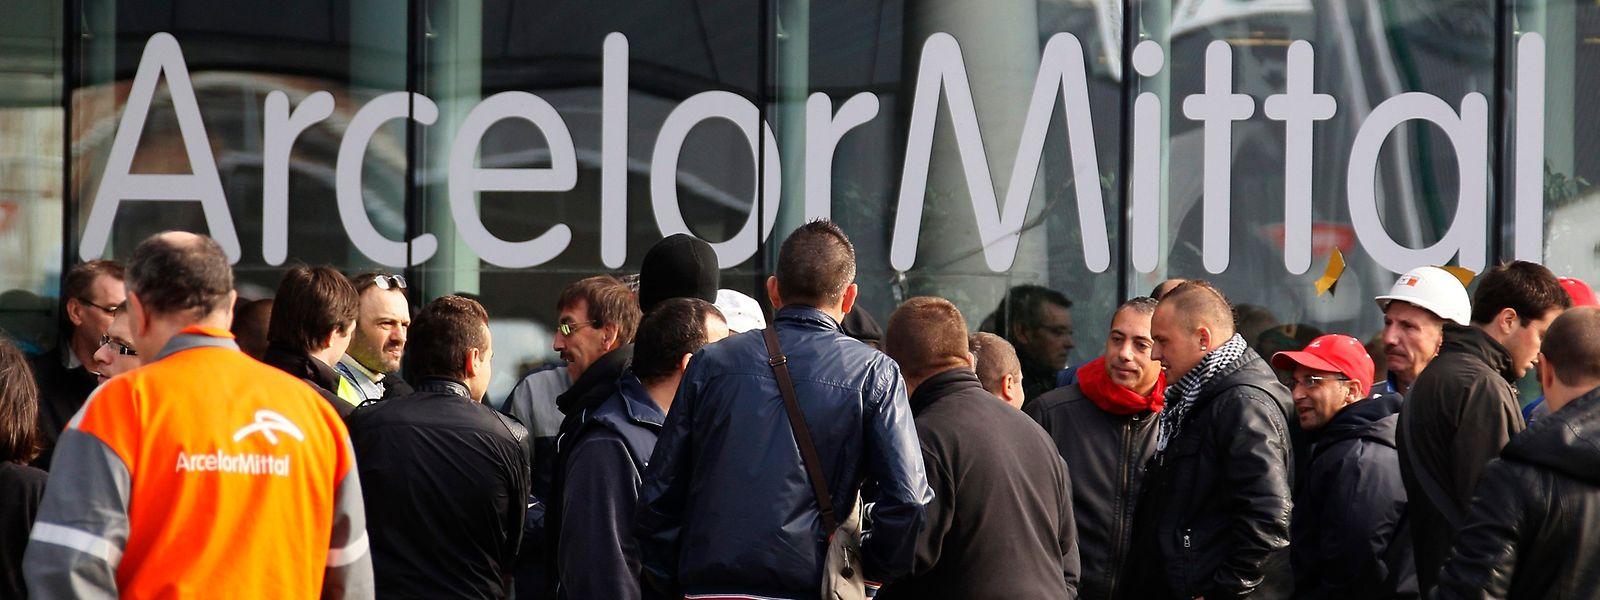 ArcelorMittal avait mis initialement 1,8 milliard d'euros dans le rachat du site italien.